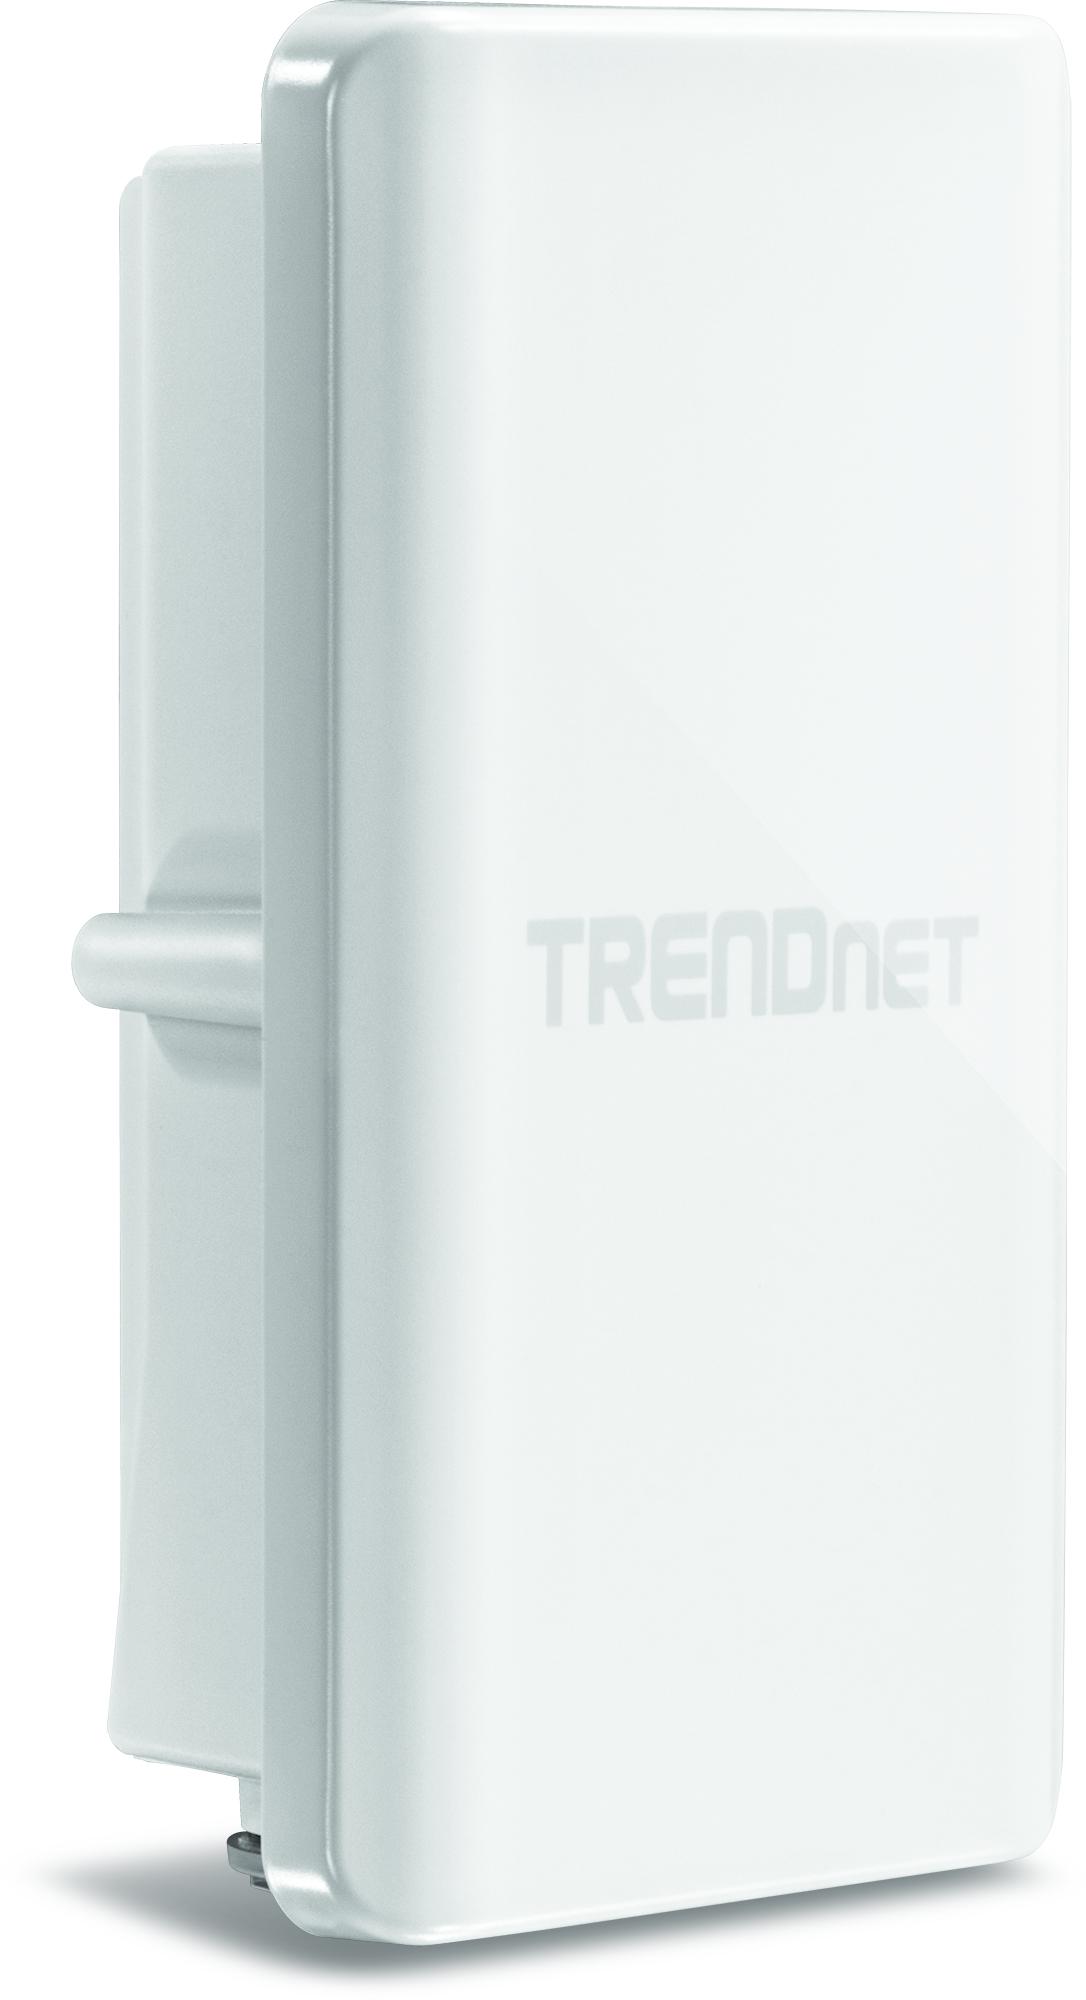 Trendnet TEW-738APBO WLAN access point